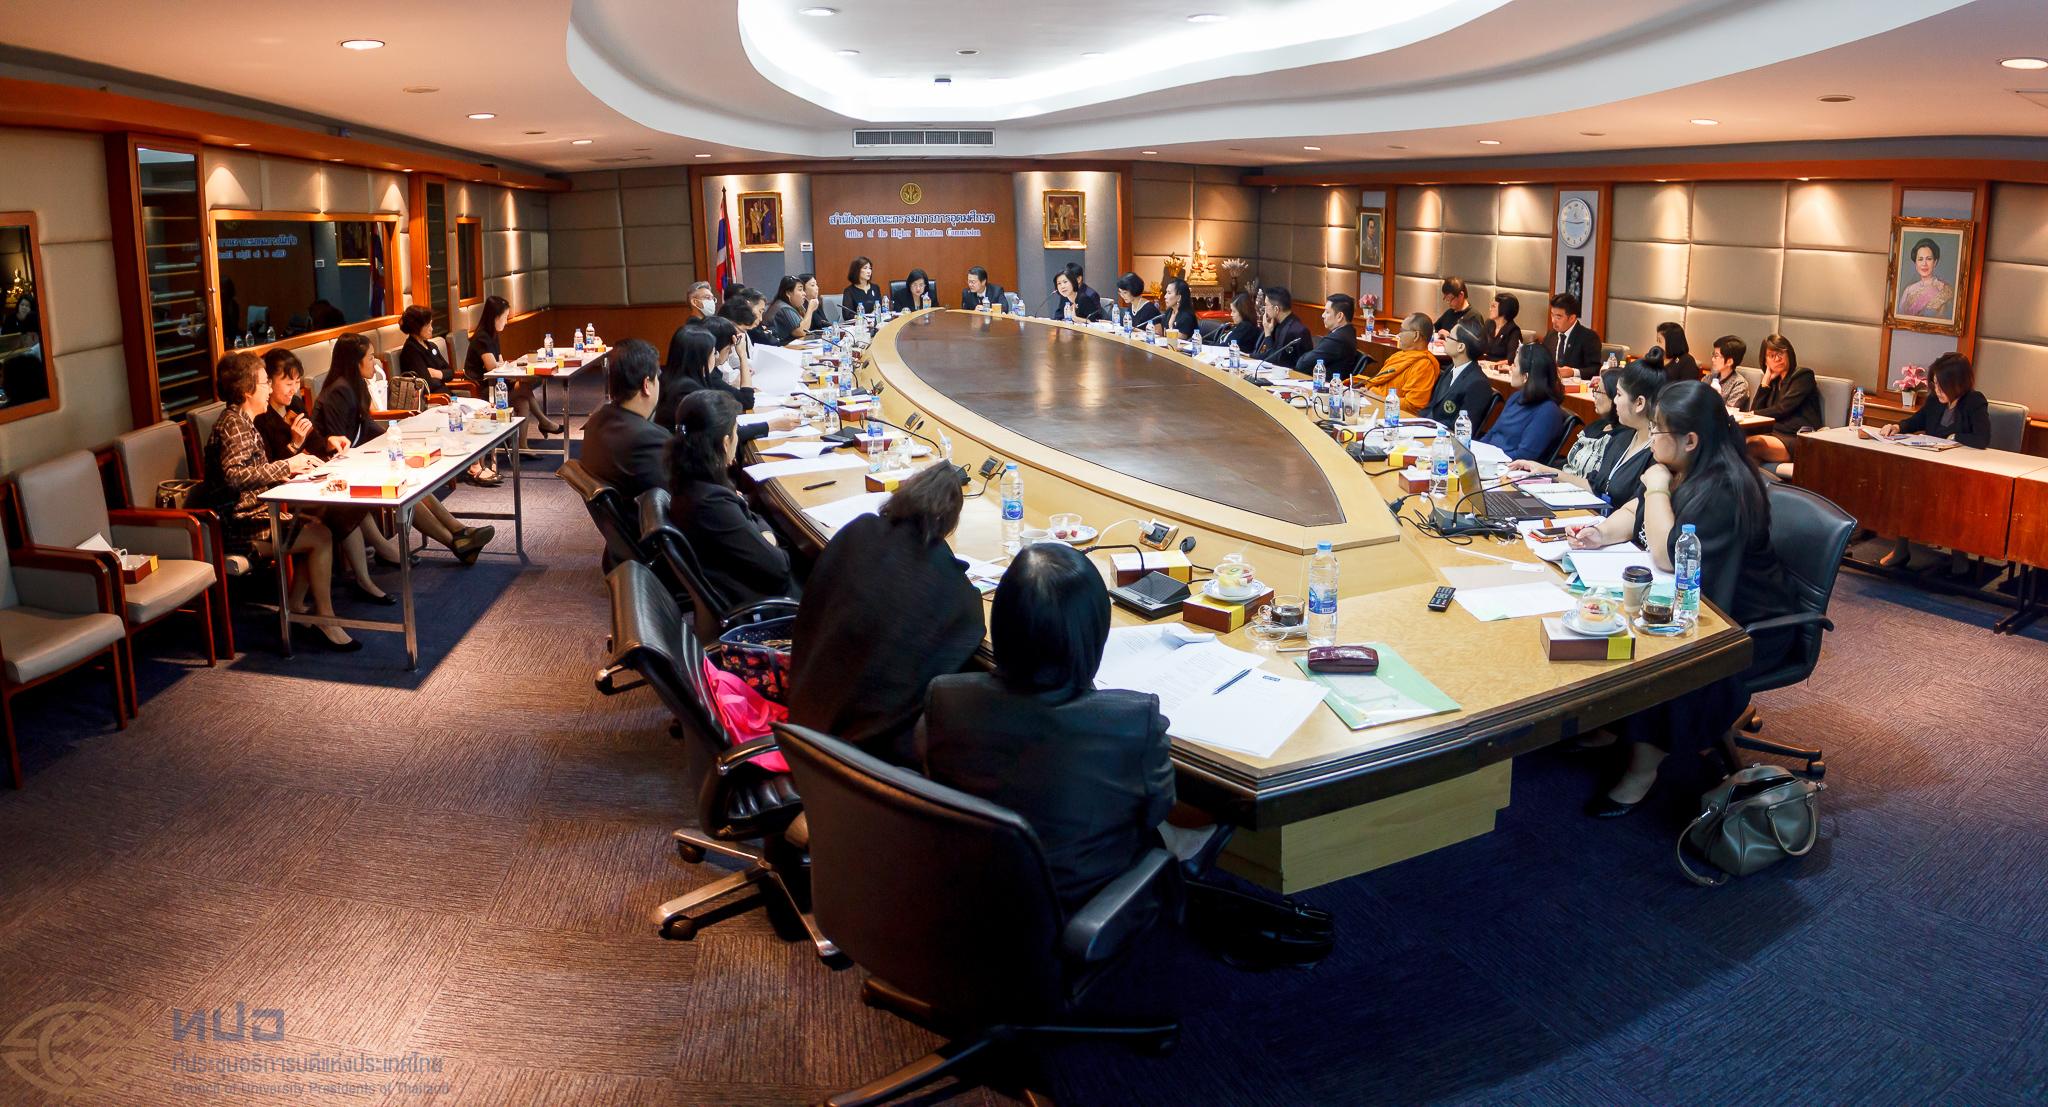 การประชุมคณะทำงานด้านวิชาการ ที่ประชุมอธิการบดีแห่งประเทศไทย ครั้งที่ 2/2560